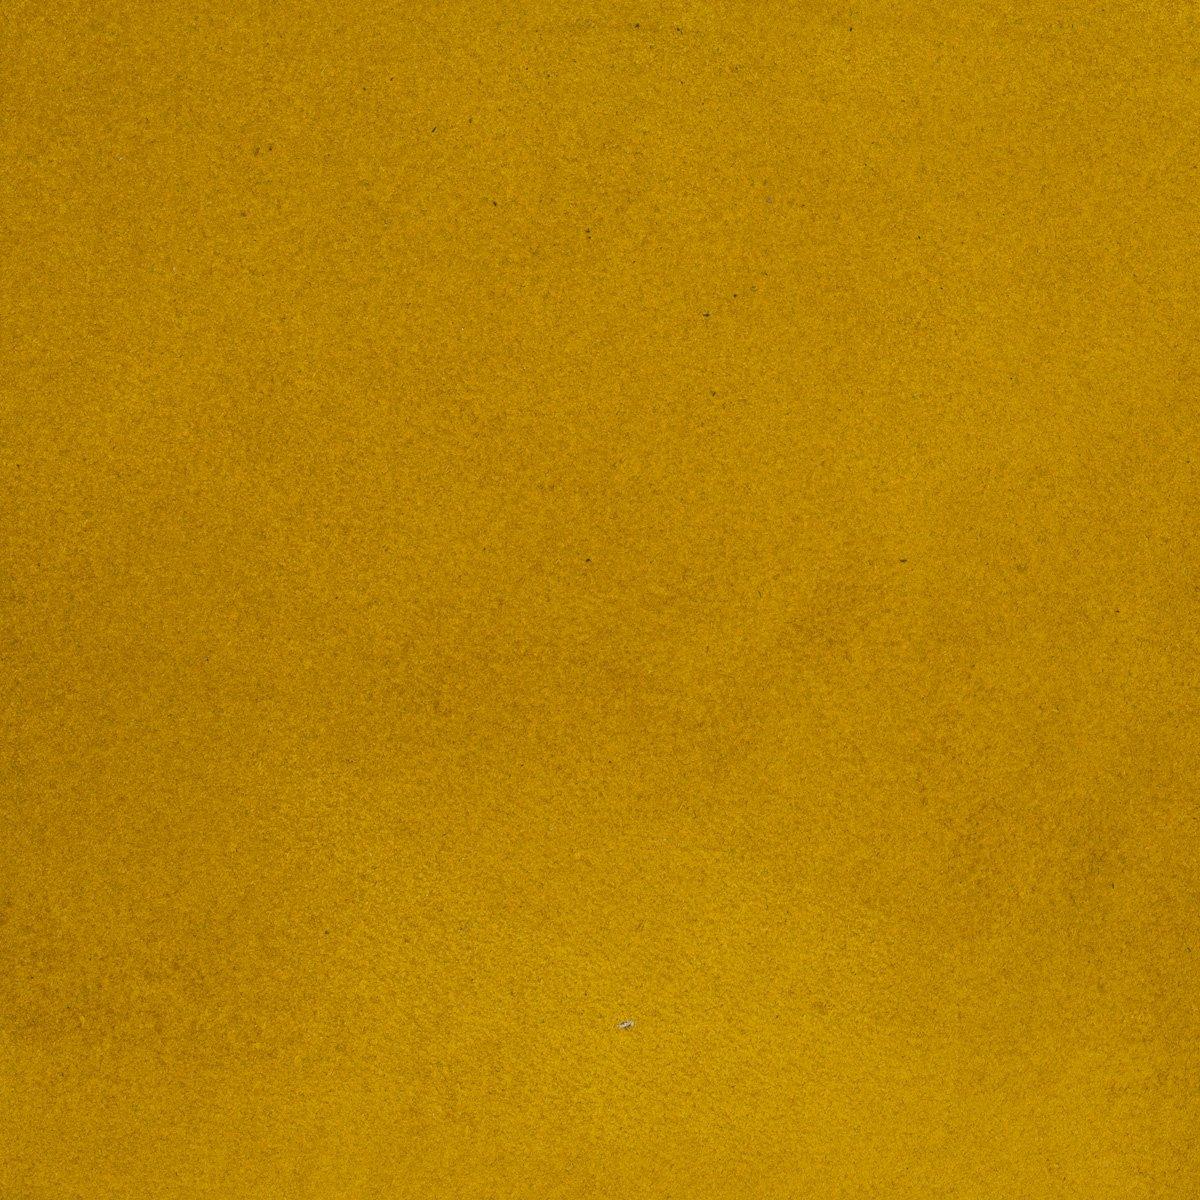 J.FitzPatrick Footwear Yellow Suede